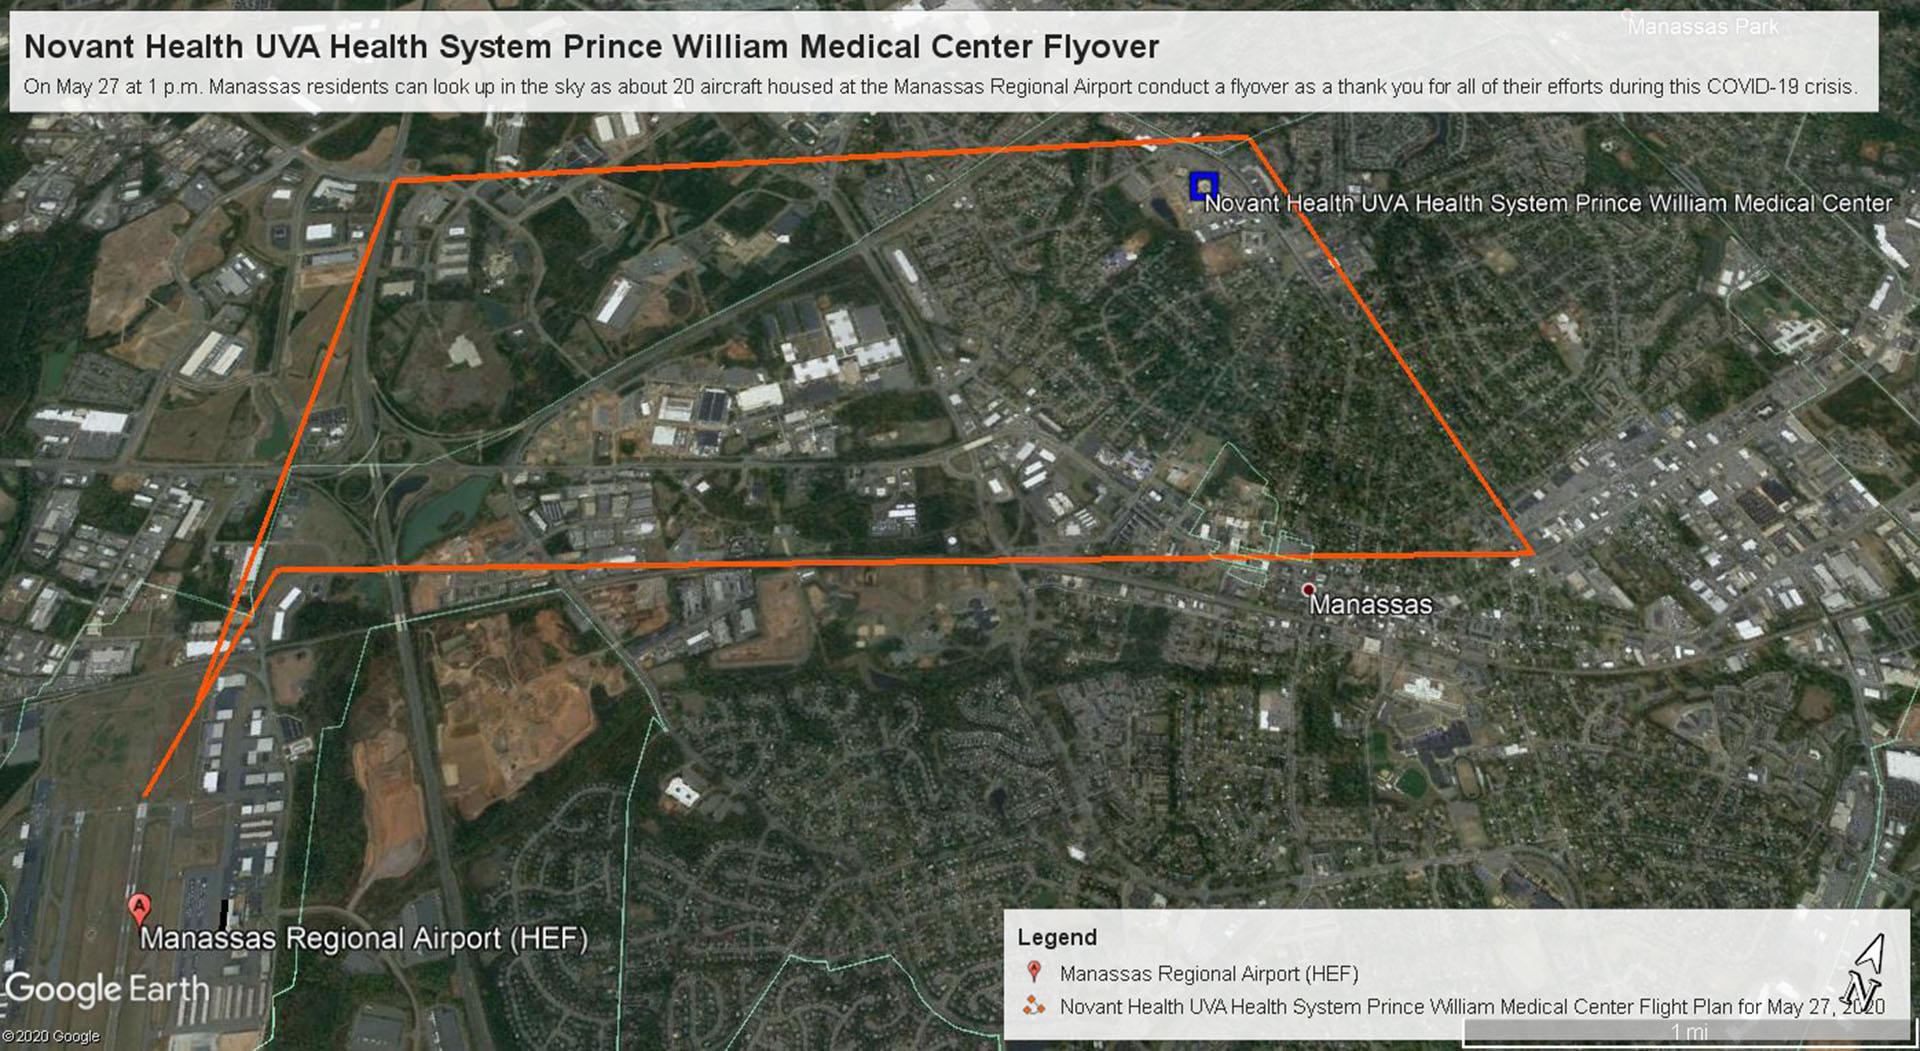 Flyover thanking hospital staff in Manassas